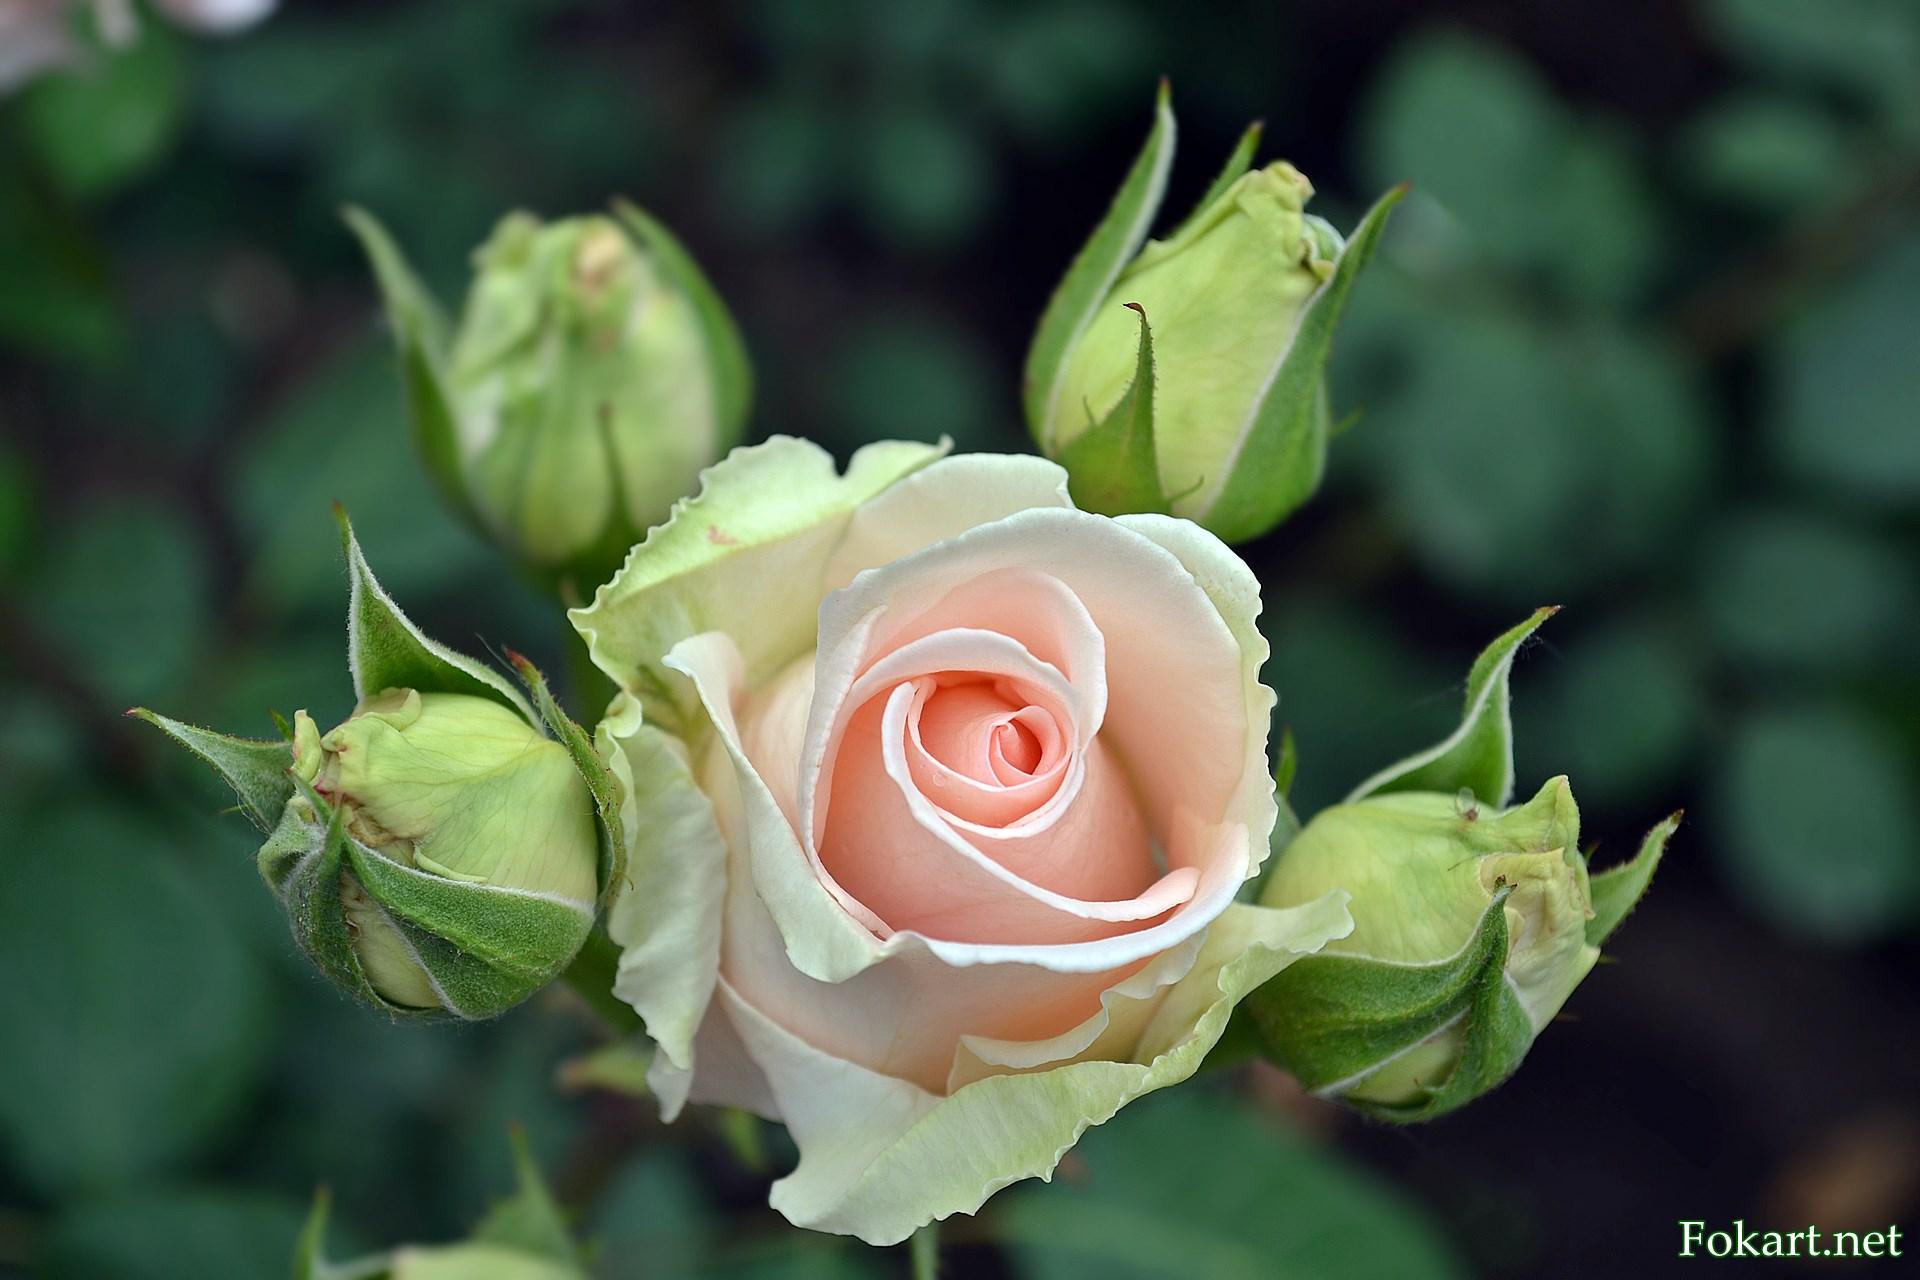 Светлая роза посреди четырёх бутонов.